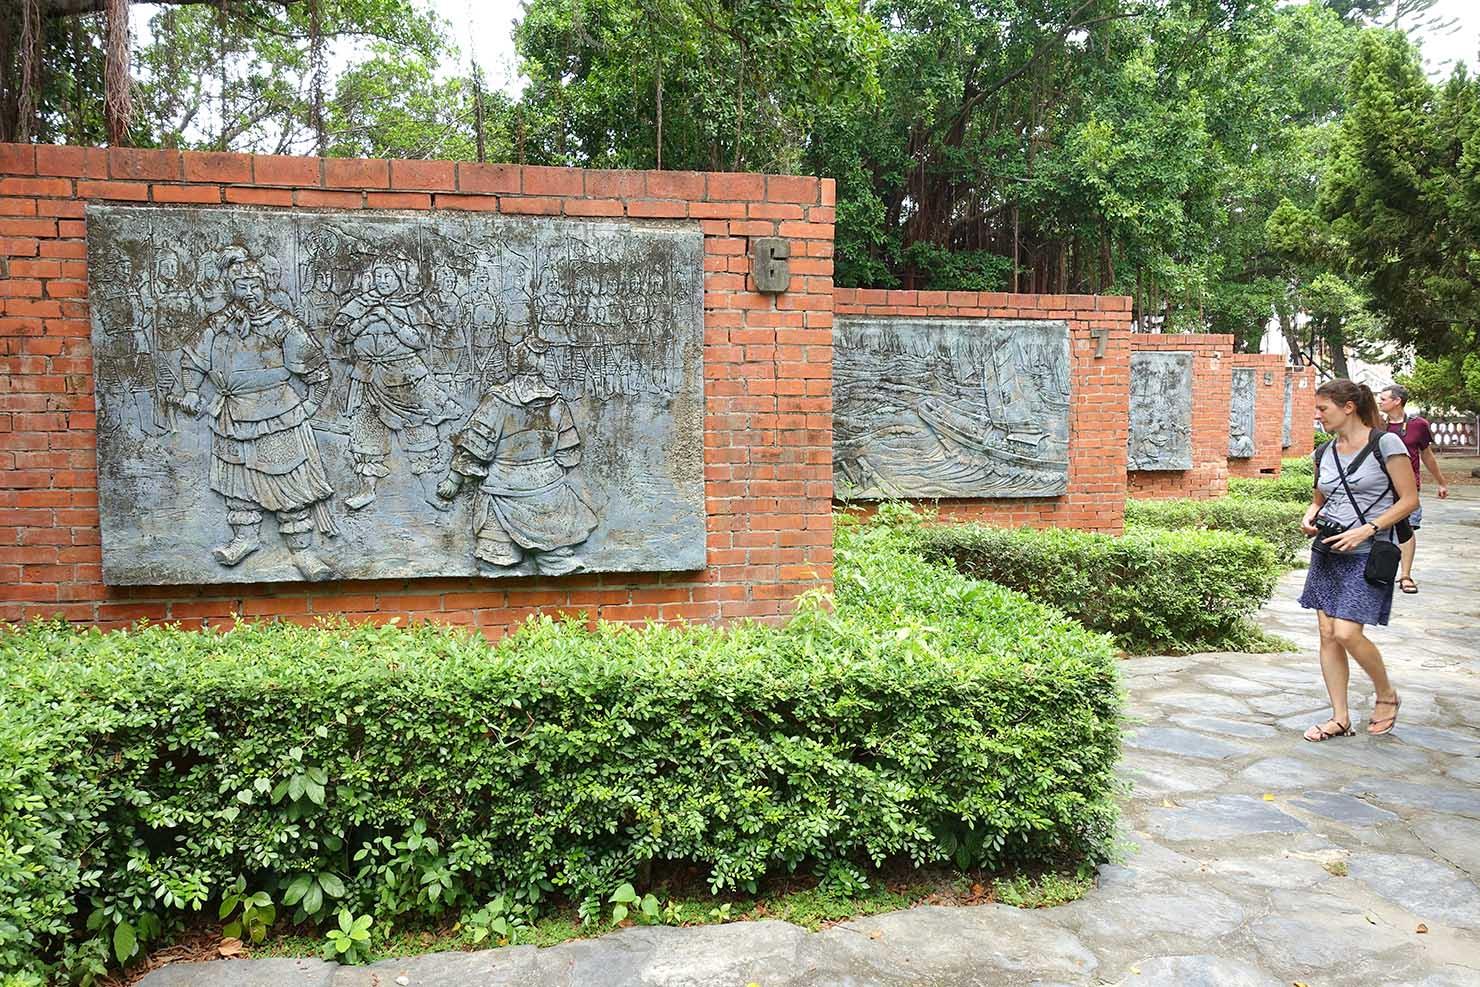 台湾の古都・台南のおすすめ観光スポット「安平古堡」の鄭成功紹介エリア